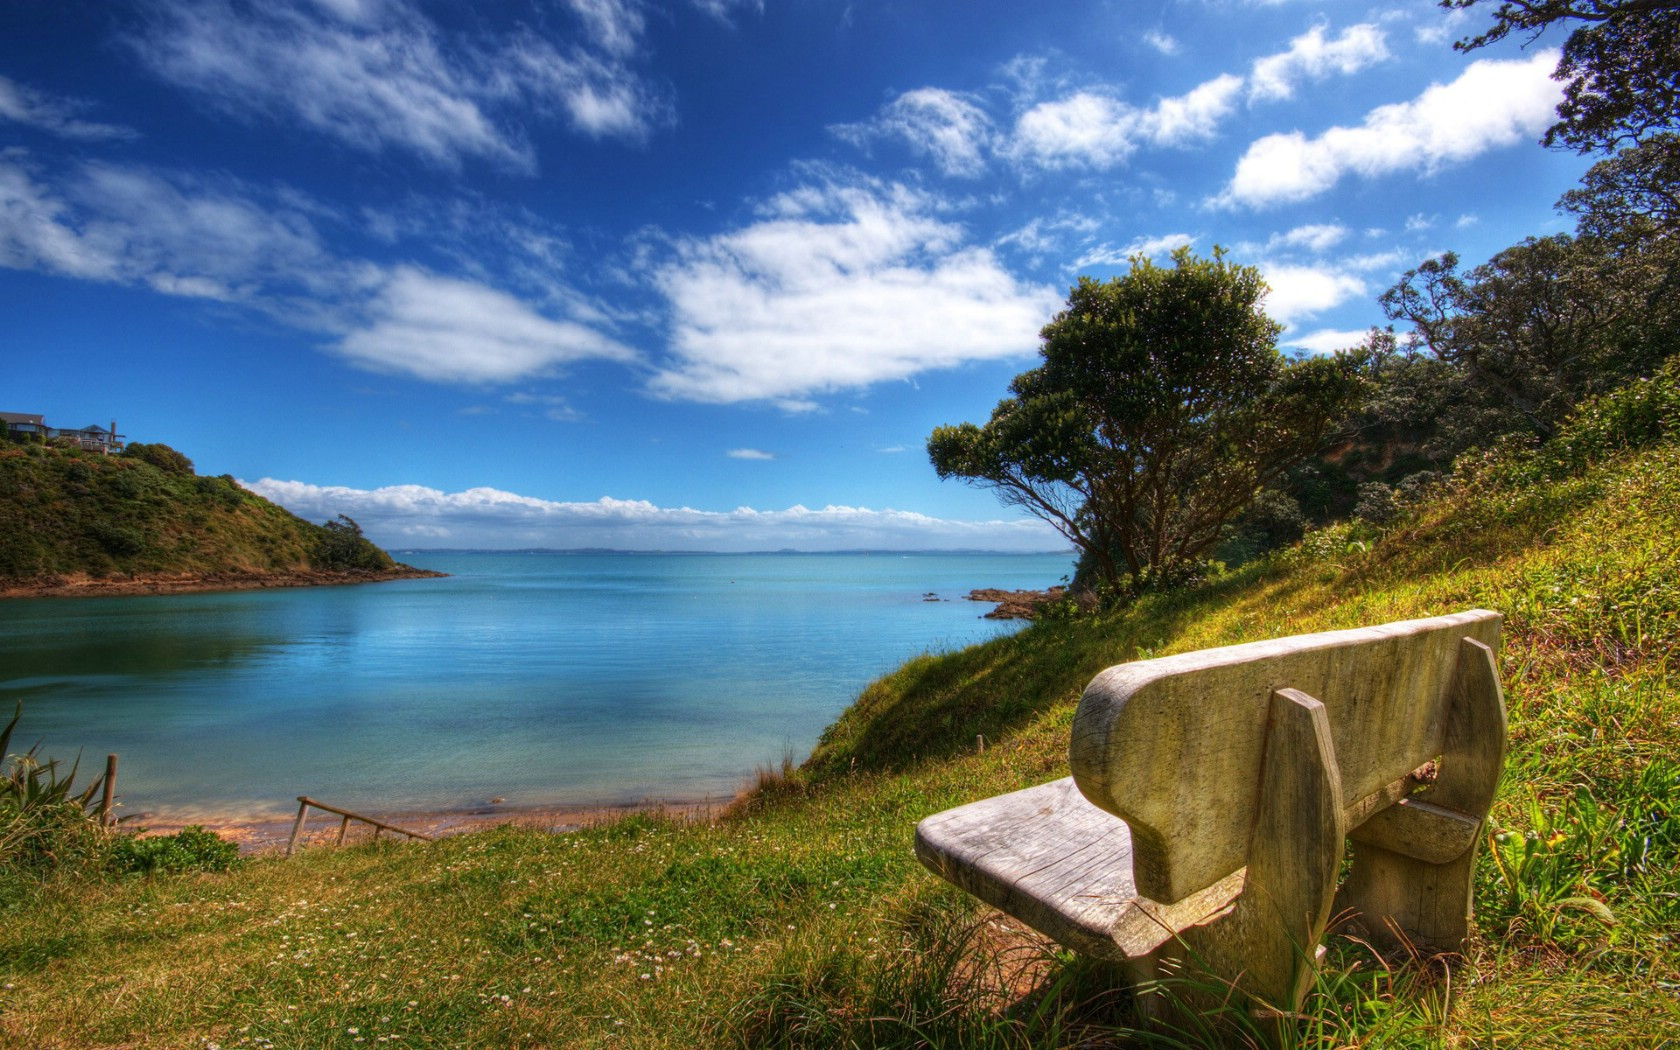 新西兰高清图片_壁纸1680×1050新西兰风景宽屏壁纸下载壁纸,新西兰风景宽屏壁纸 ...